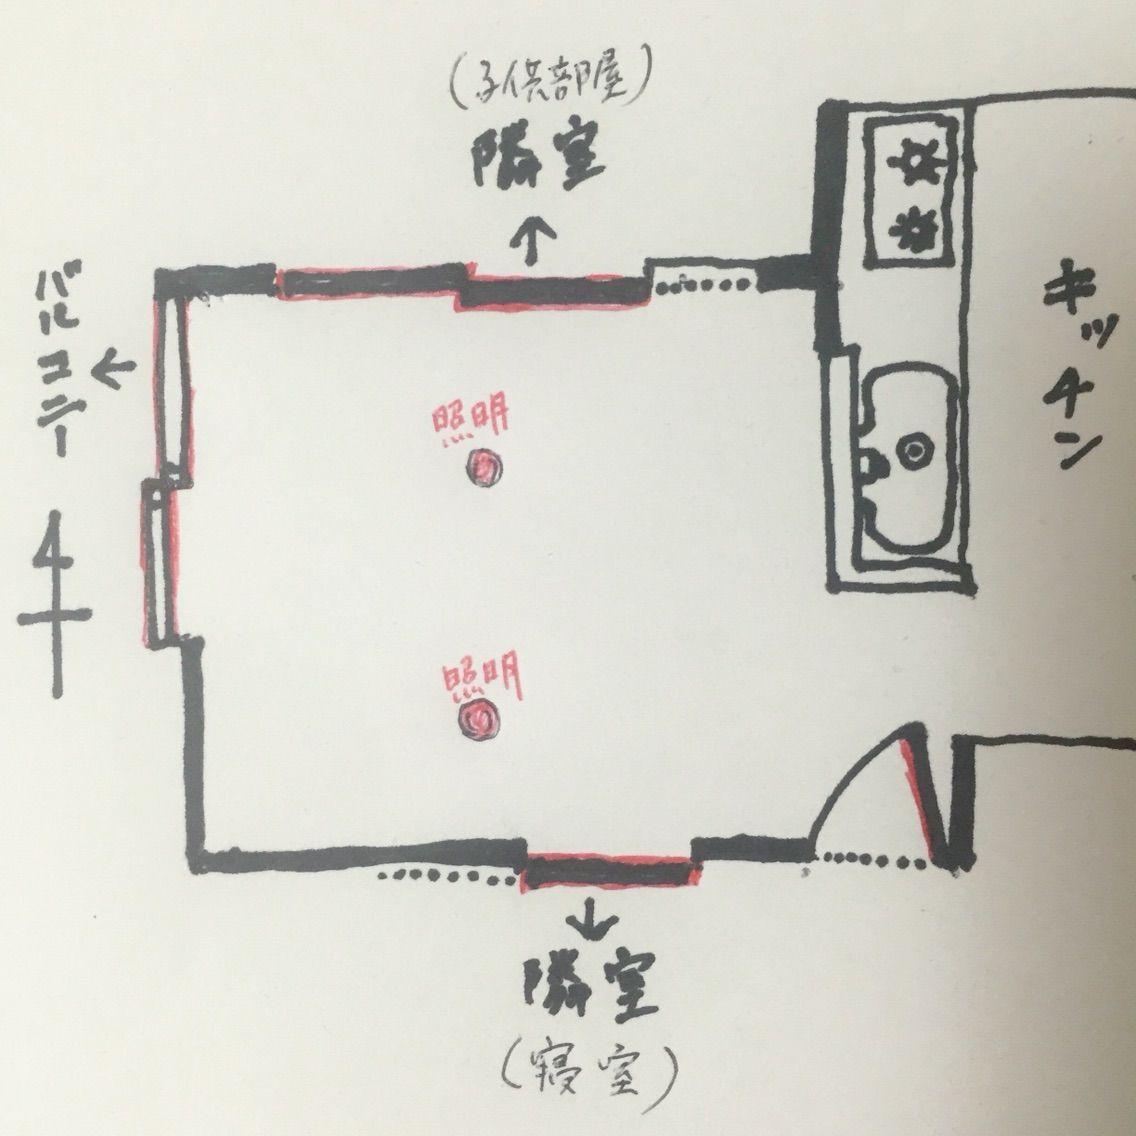 正方形リビングダイニングの家具配置 : 都内新築マンション購入→快適